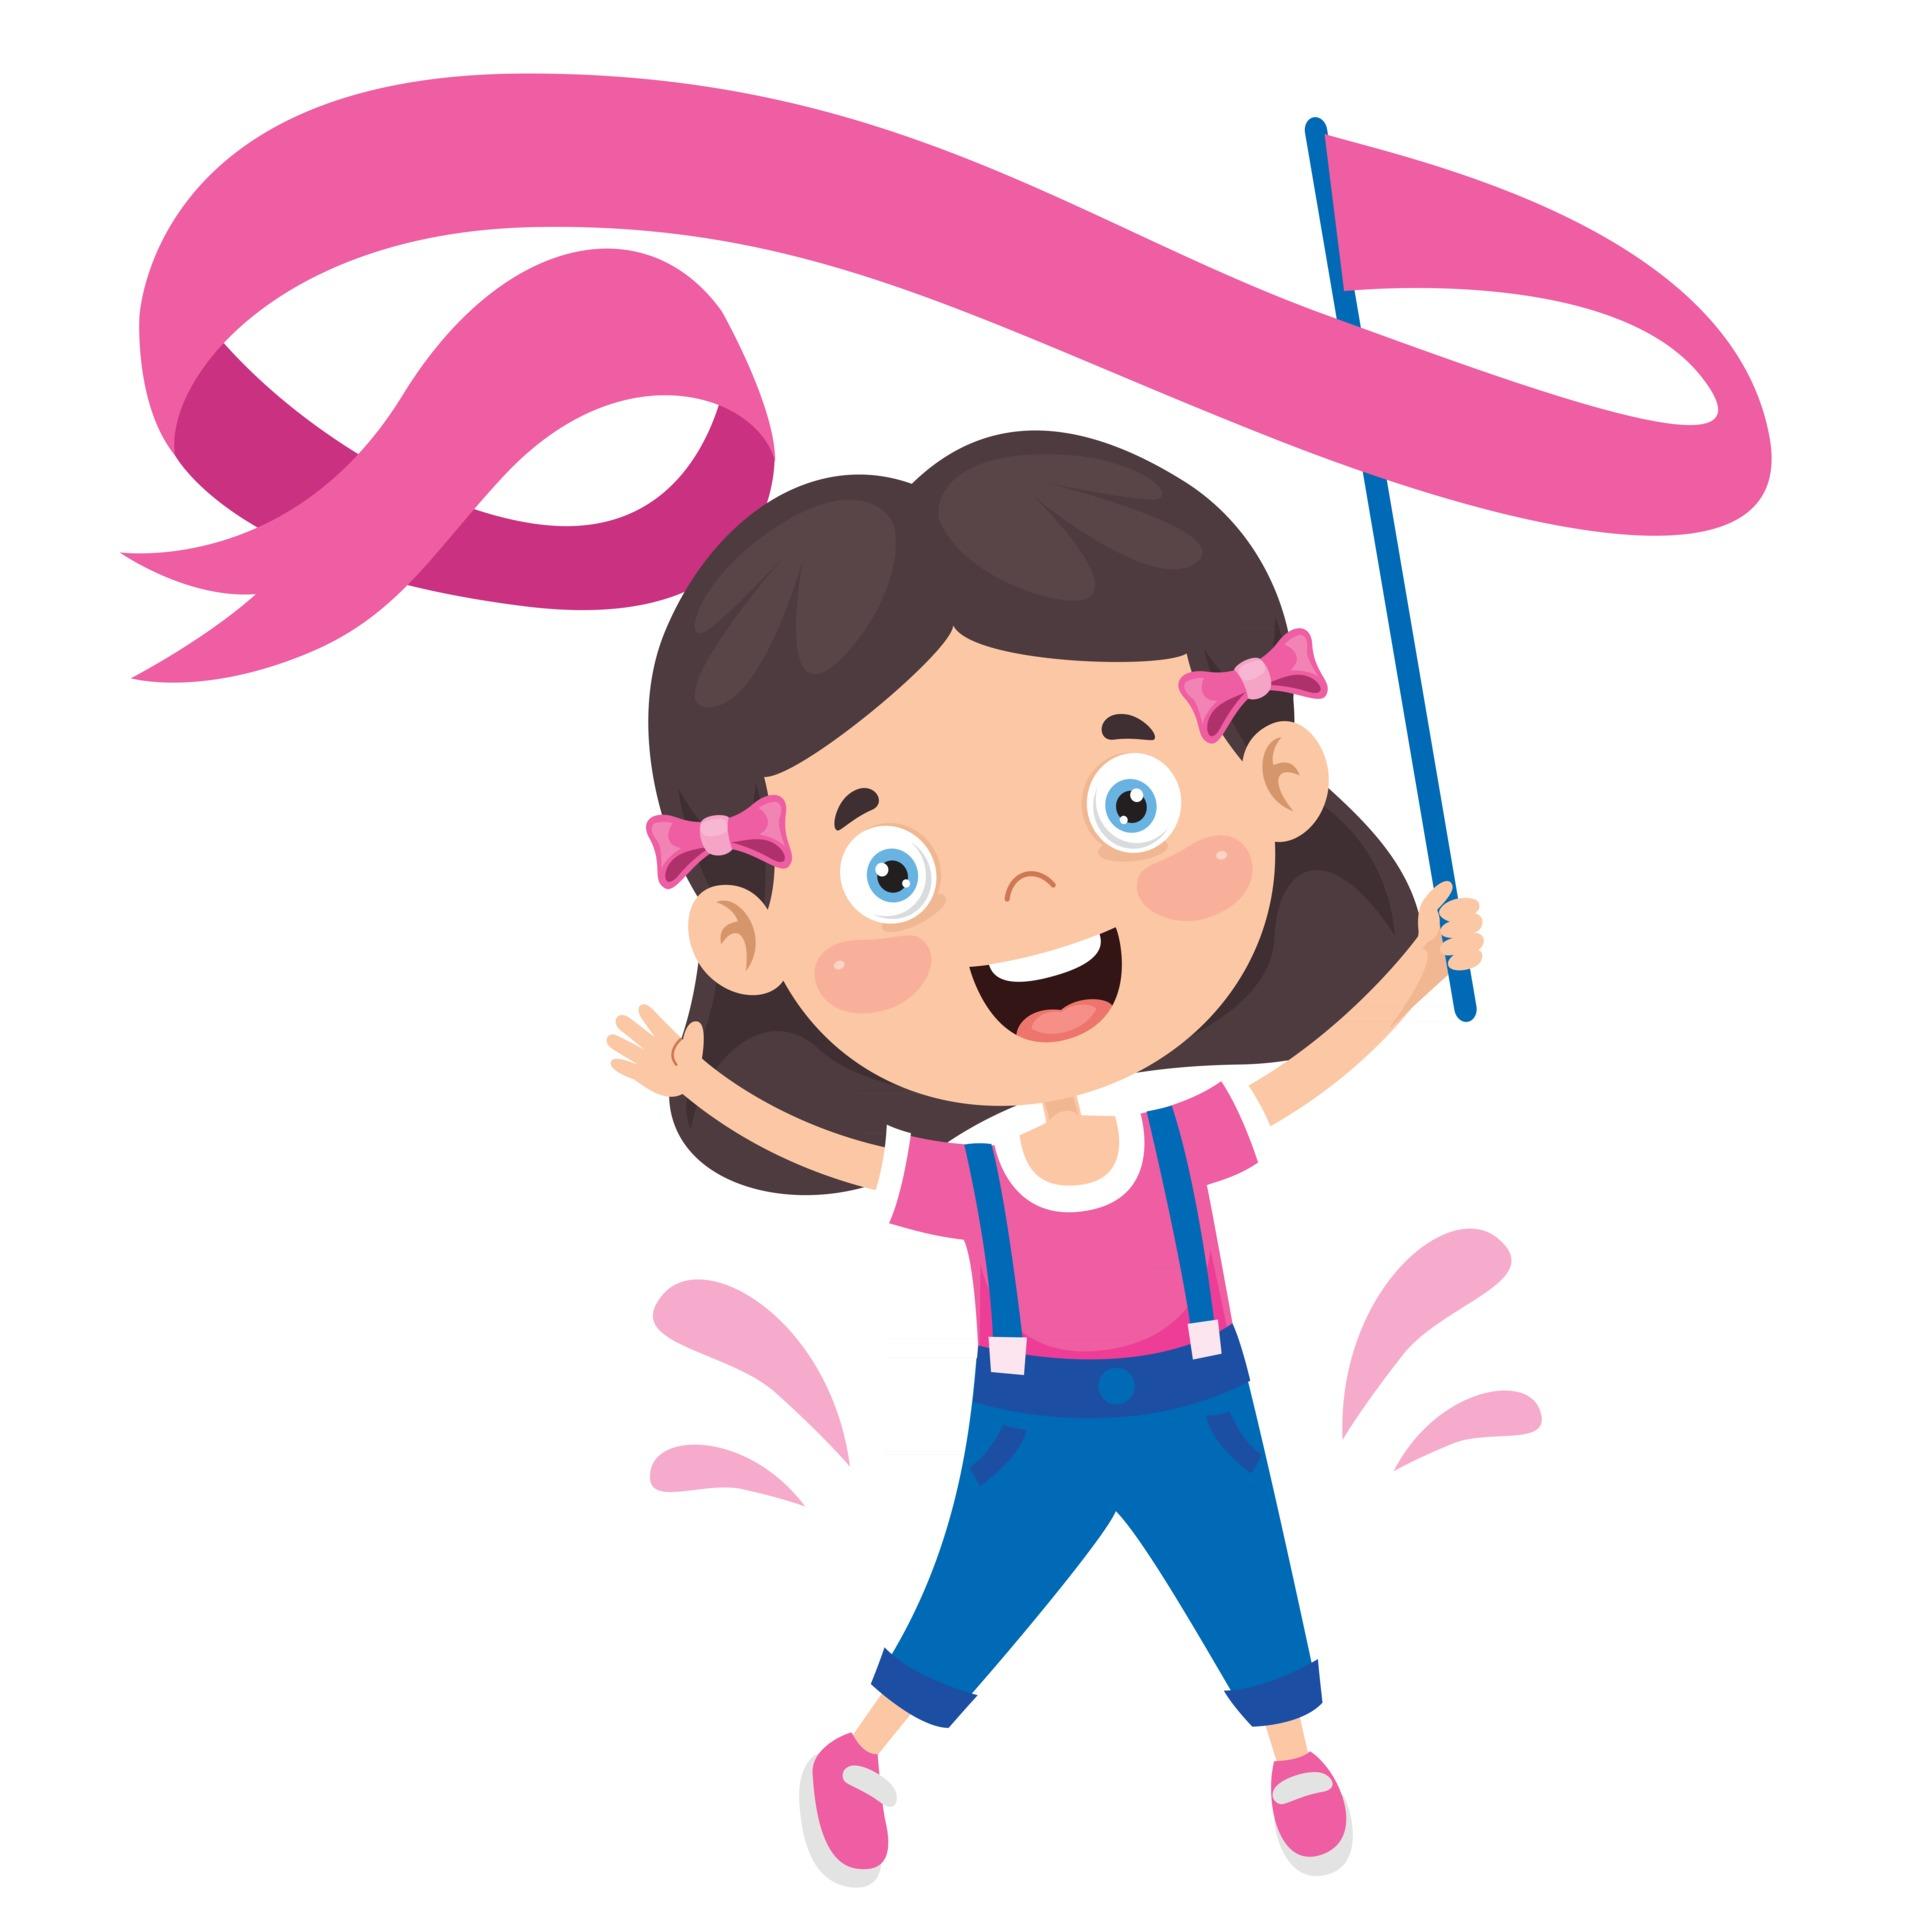 criança feliz fazendo exercício de ginástica 2539321 Vetor no Vecteezy